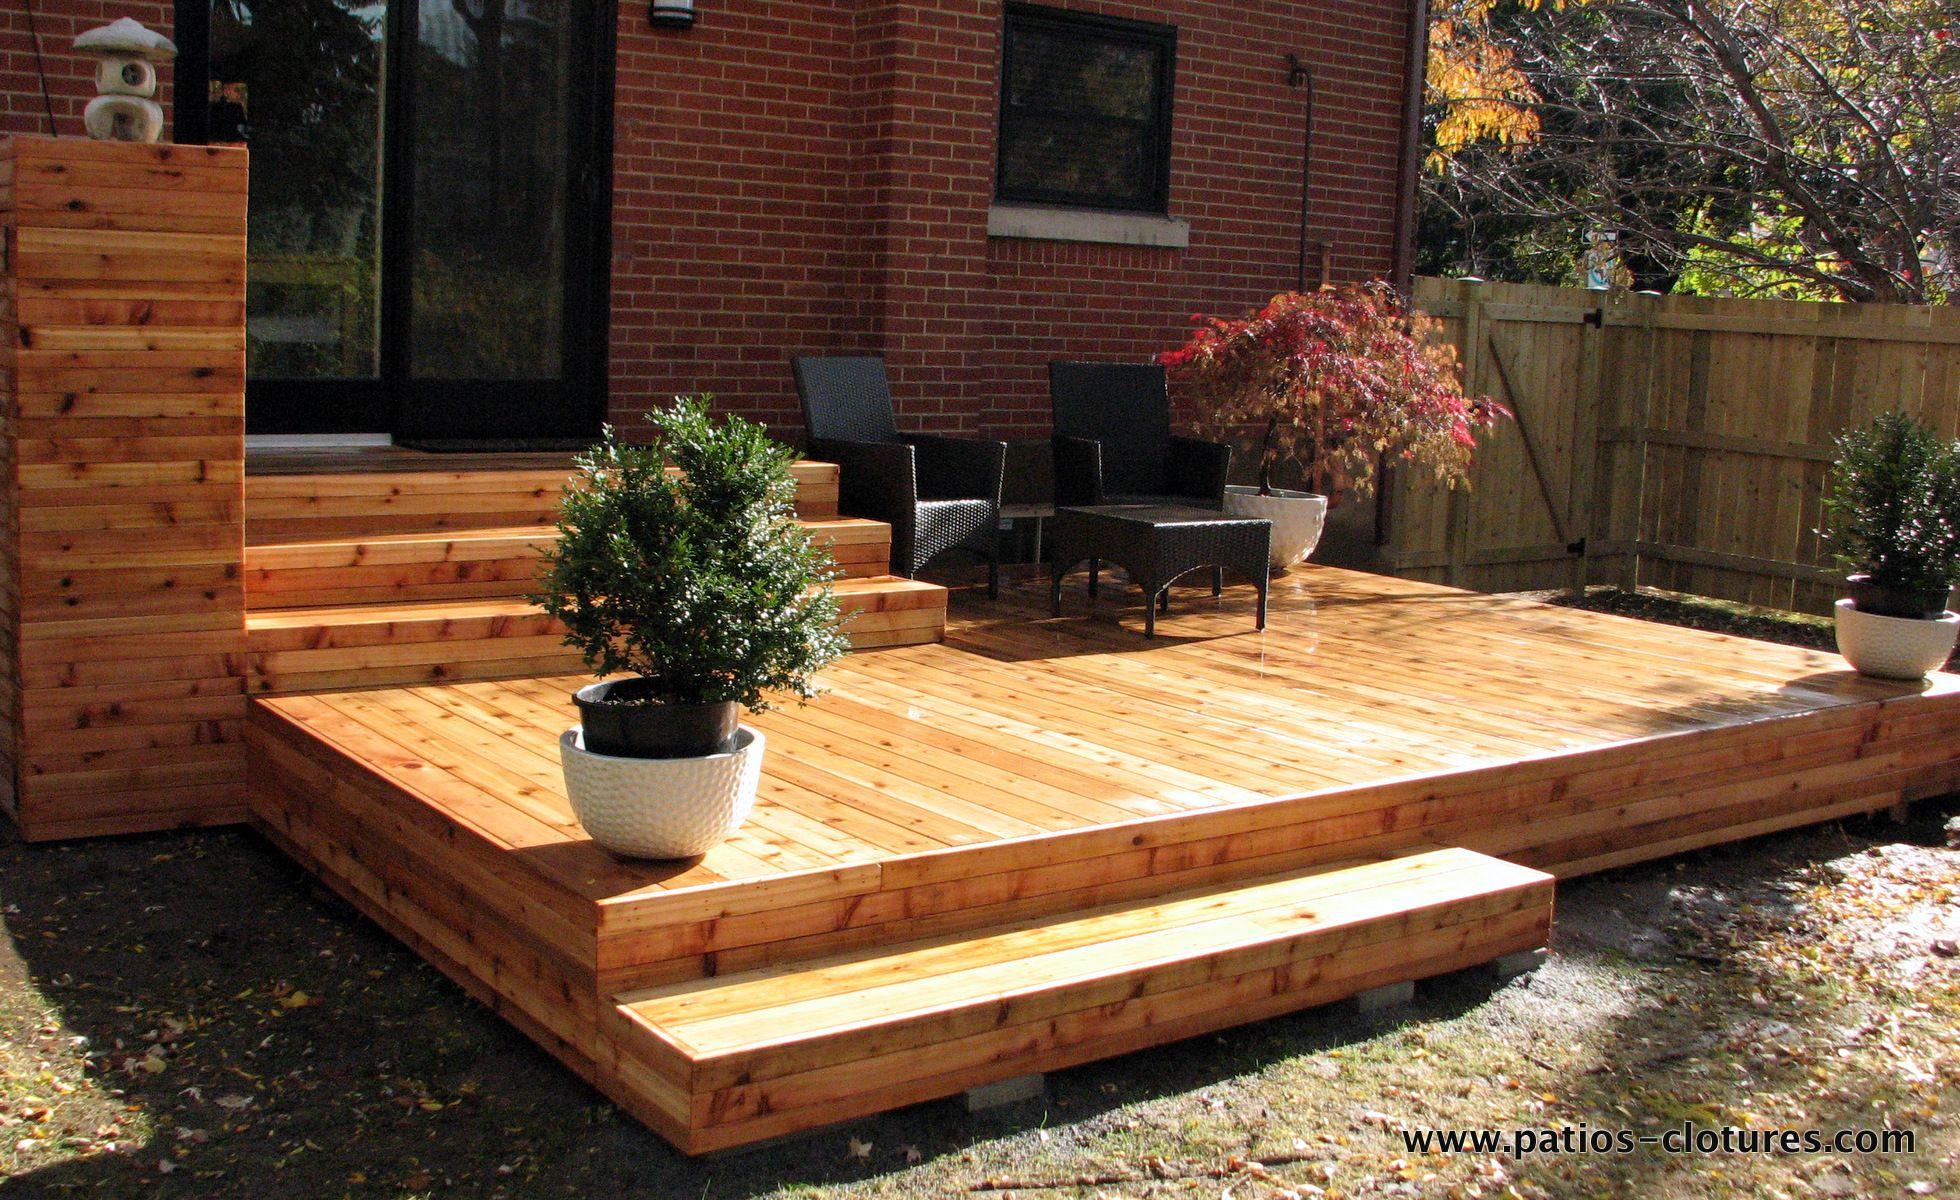 patio 2 niveaux en bois traité brun et plastique | backyard